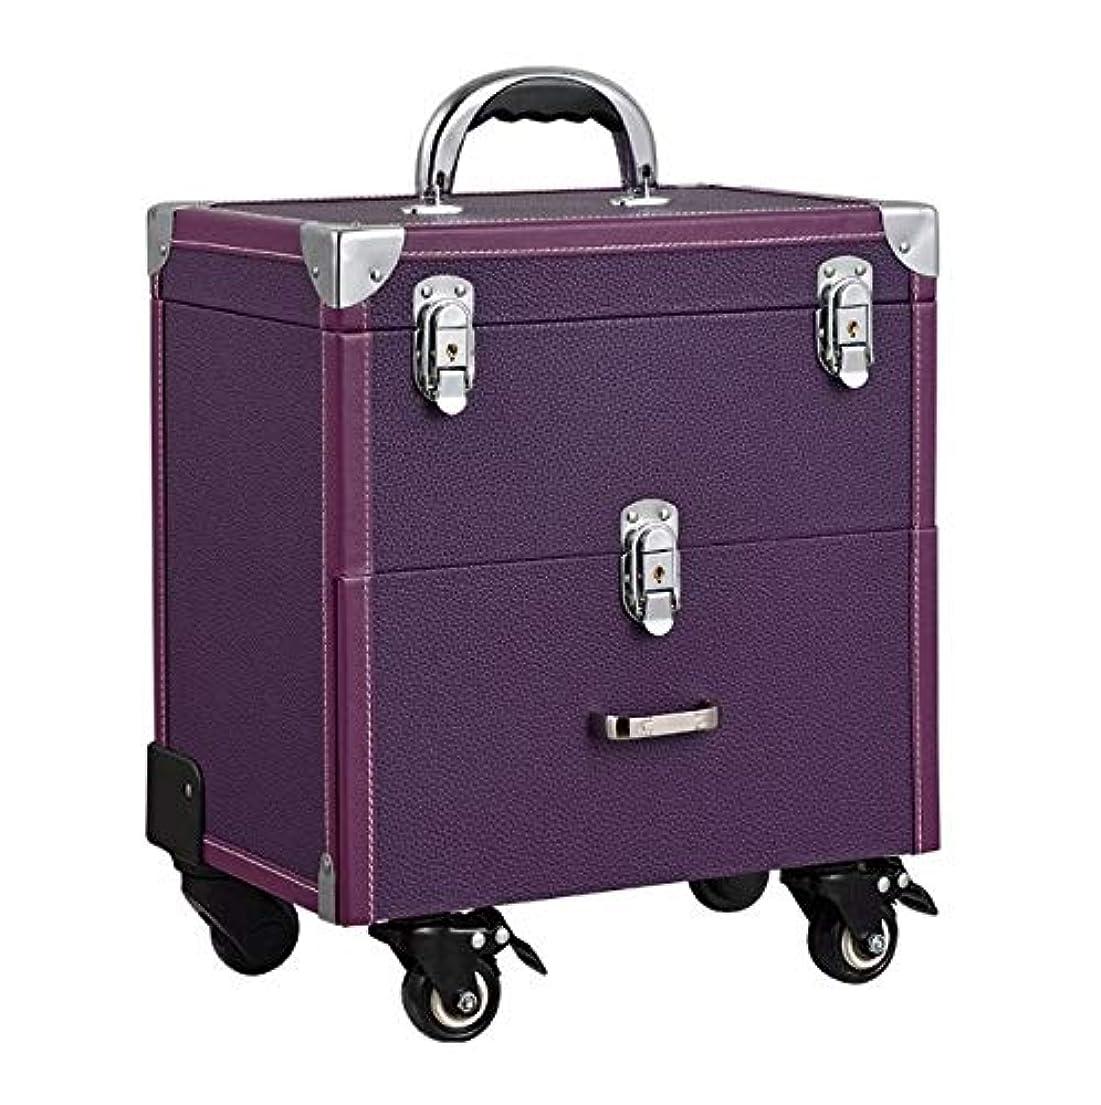 ステッププロトタイプ軍団化粧箱、大容量ダブルポール化粧品ケース、ポータブル旅行化粧品袋収納袋、美容化粧ネイルジュエリー収納ボックス (Color : Purple)